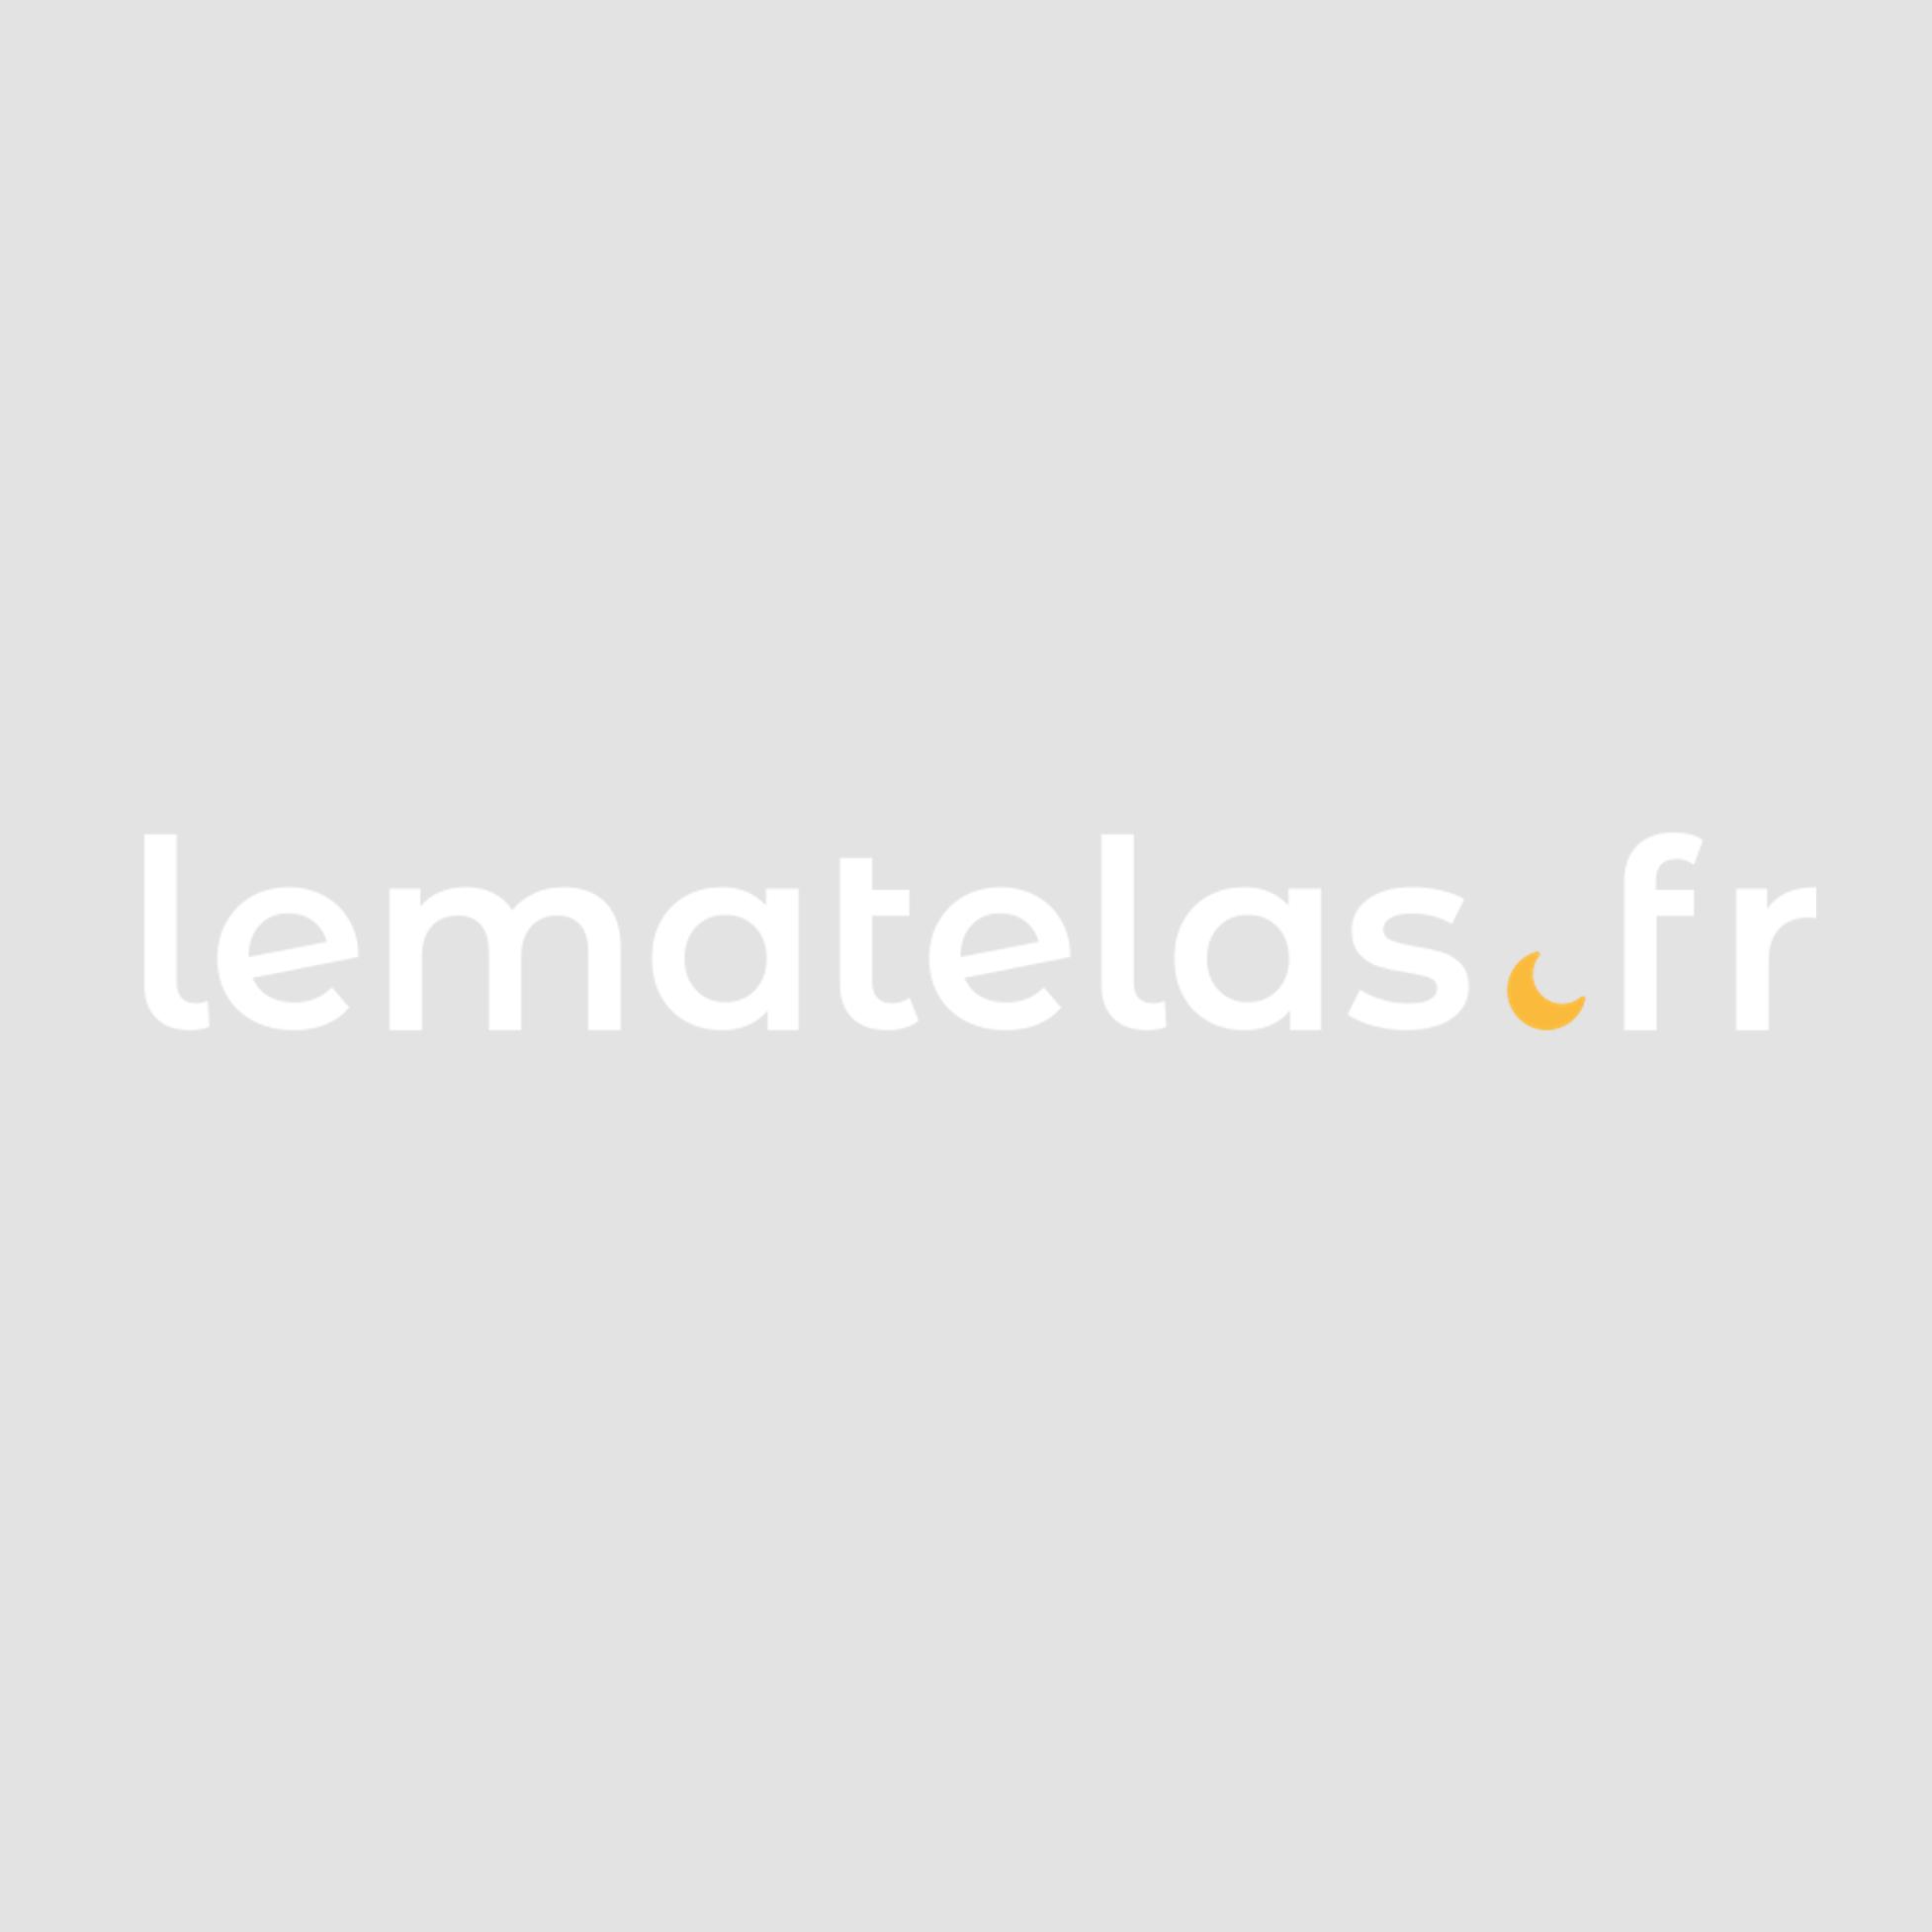 Webaby Lit bébé pliant blanc en bois massif 60x120